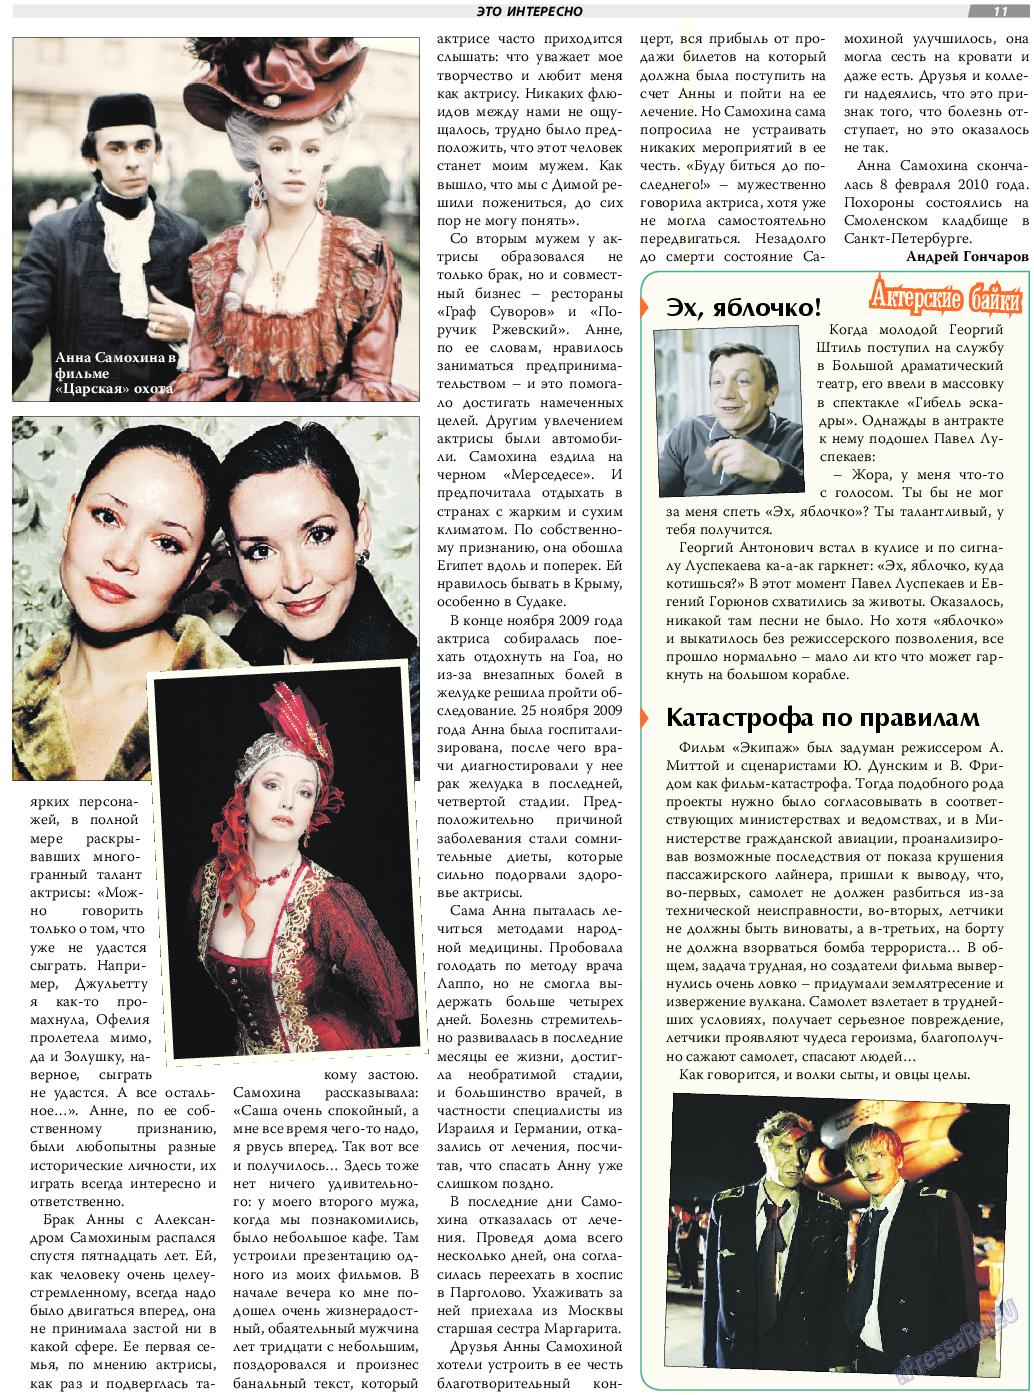 TVrus (газета). 2017 год, номер 37, стр. 11